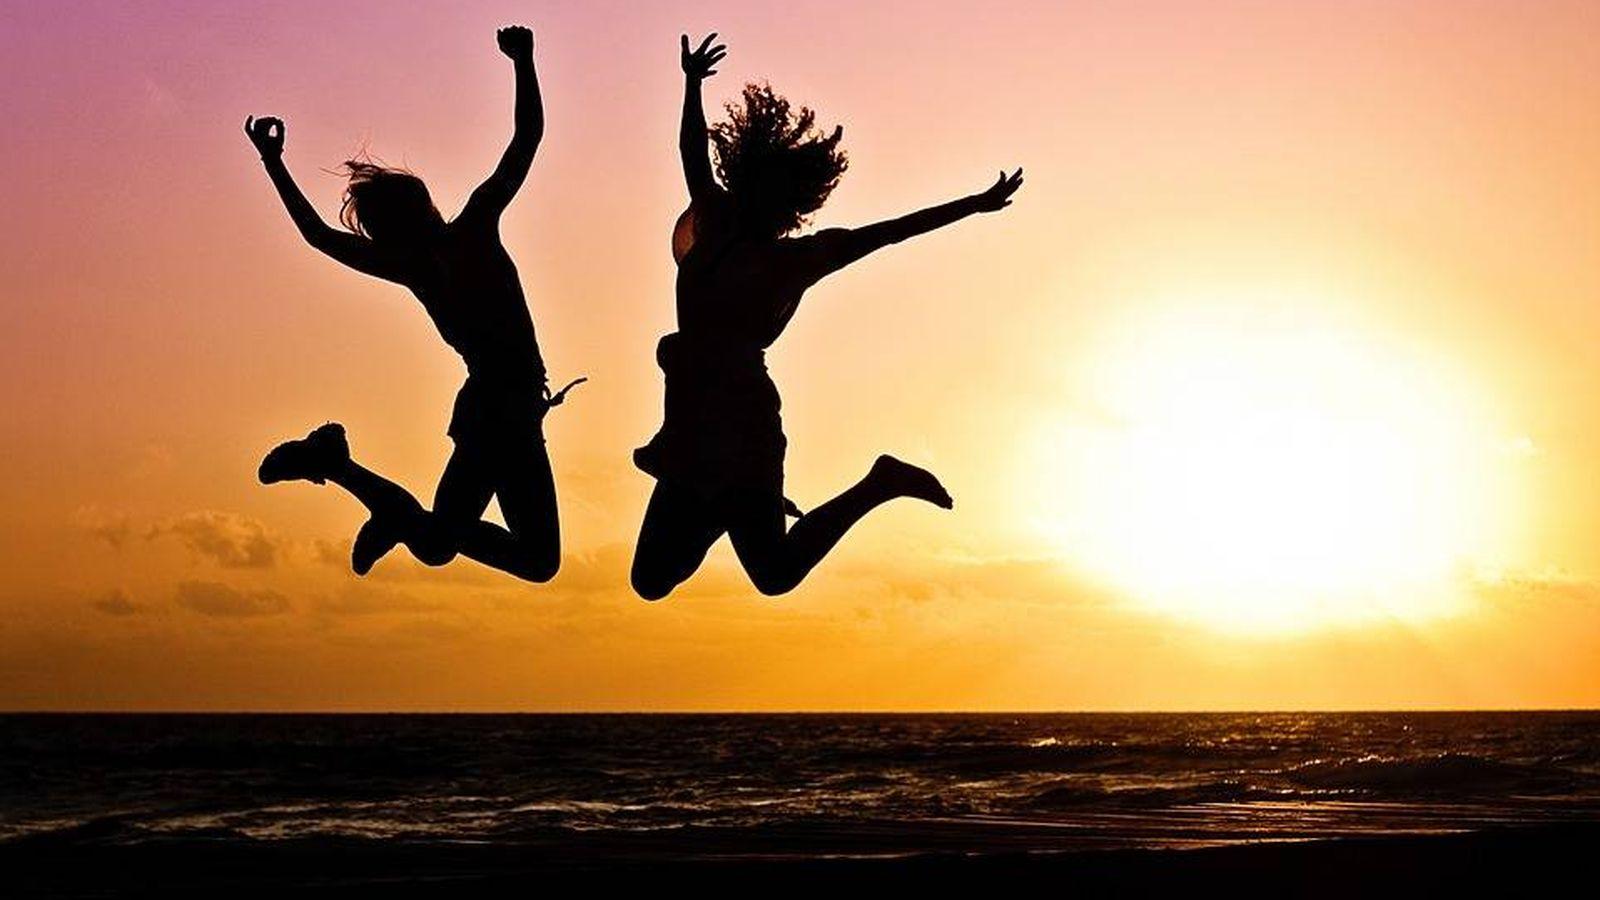 Felicidad 25 Frases Bonitas Para Mandar Un Mensaje Citas Felices